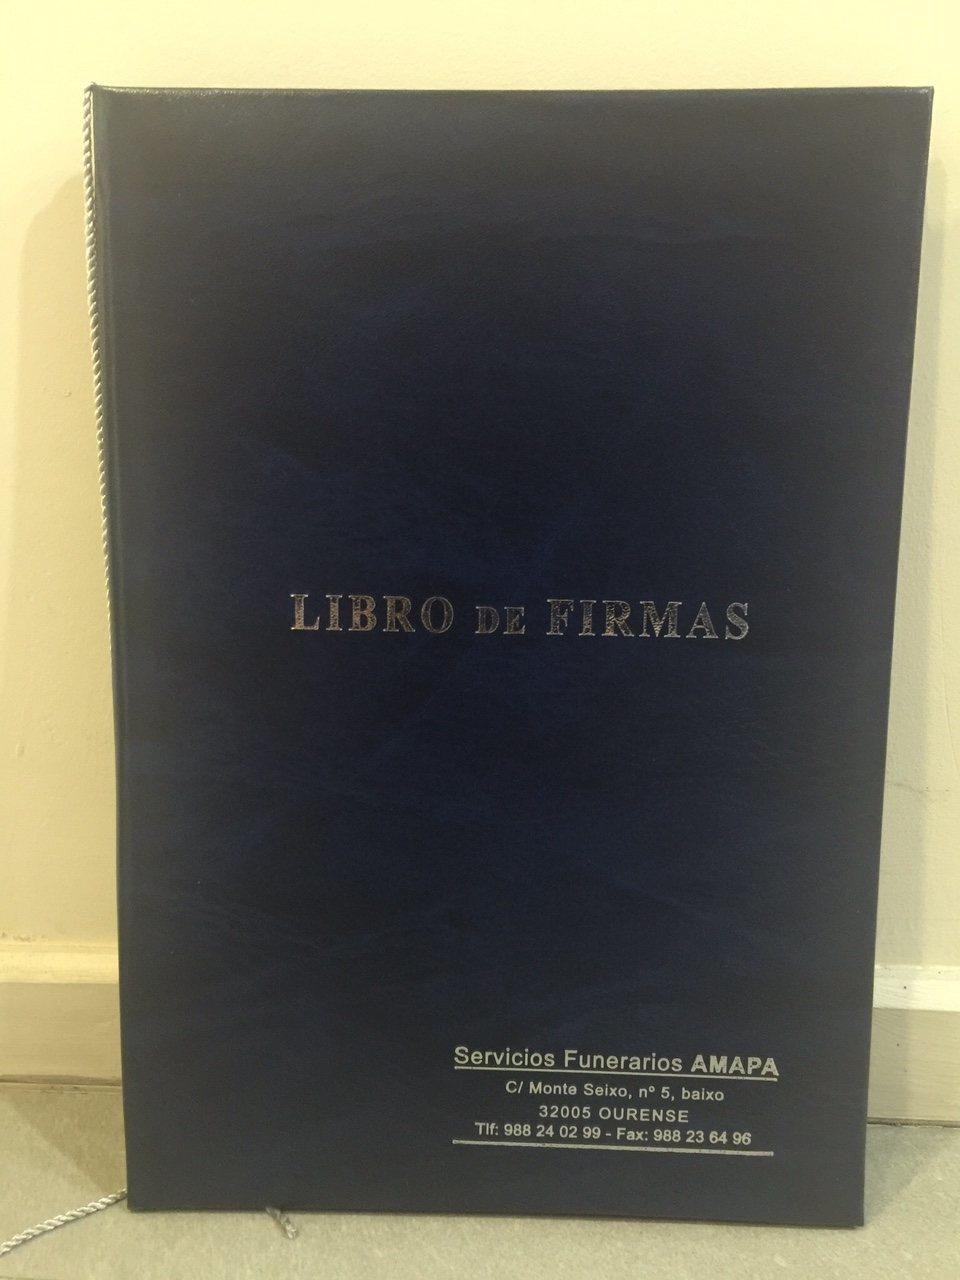 Servicios Funerarios en Ourense